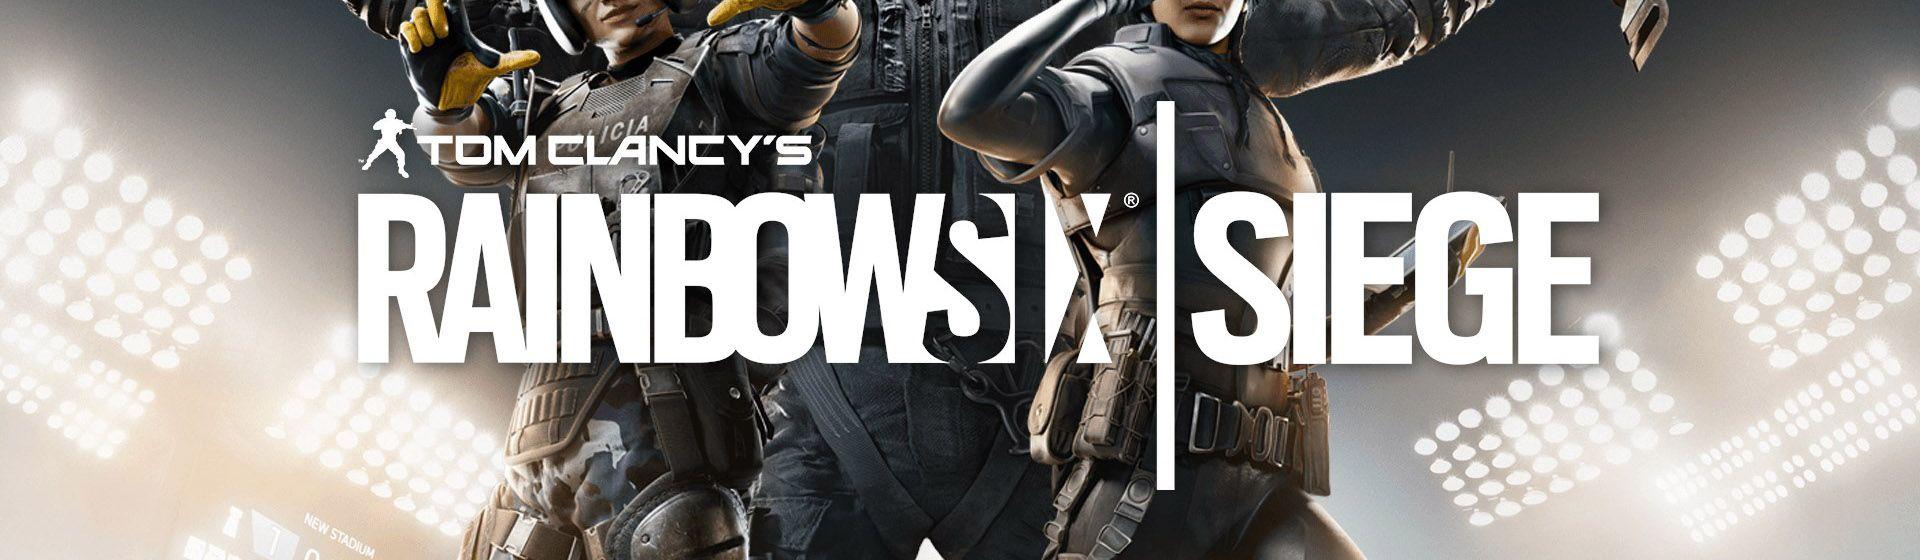 Rainbow Six Siege está disponível de graça no Xbox Game Pass